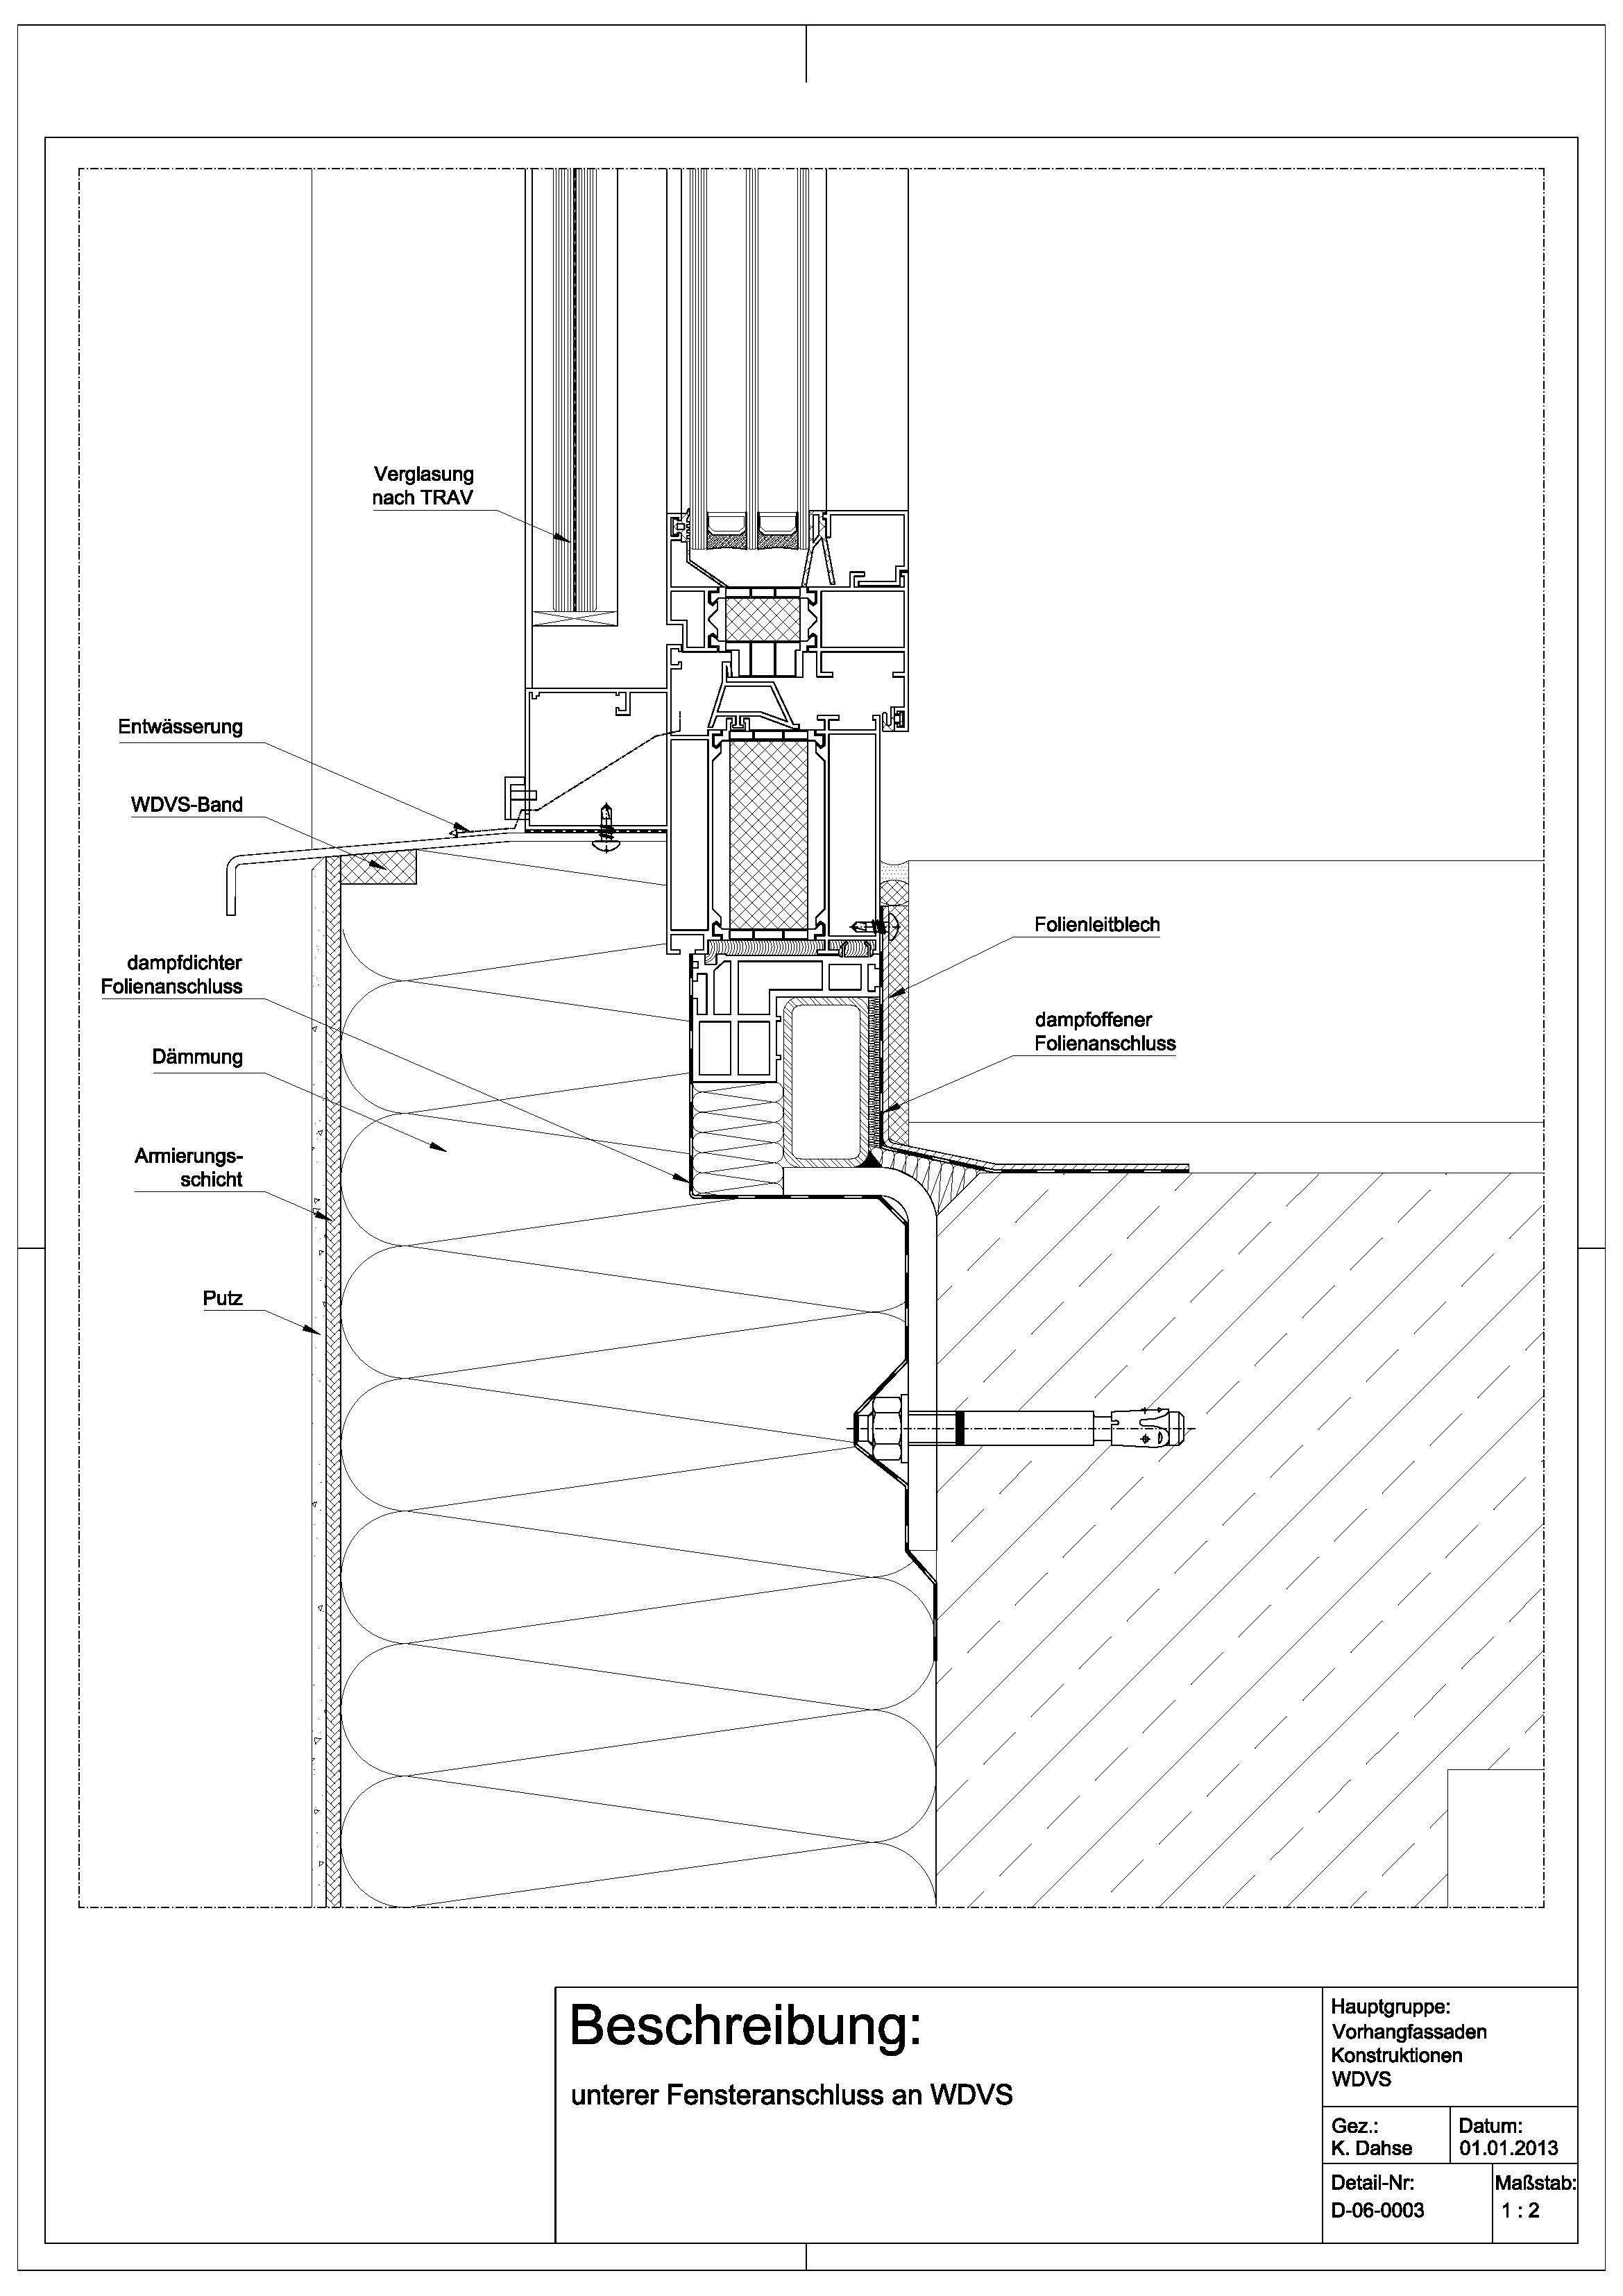 d 06 0003 unterer fensteranschluss an wdvs architektur architektur schnittchen und wdvs. Black Bedroom Furniture Sets. Home Design Ideas